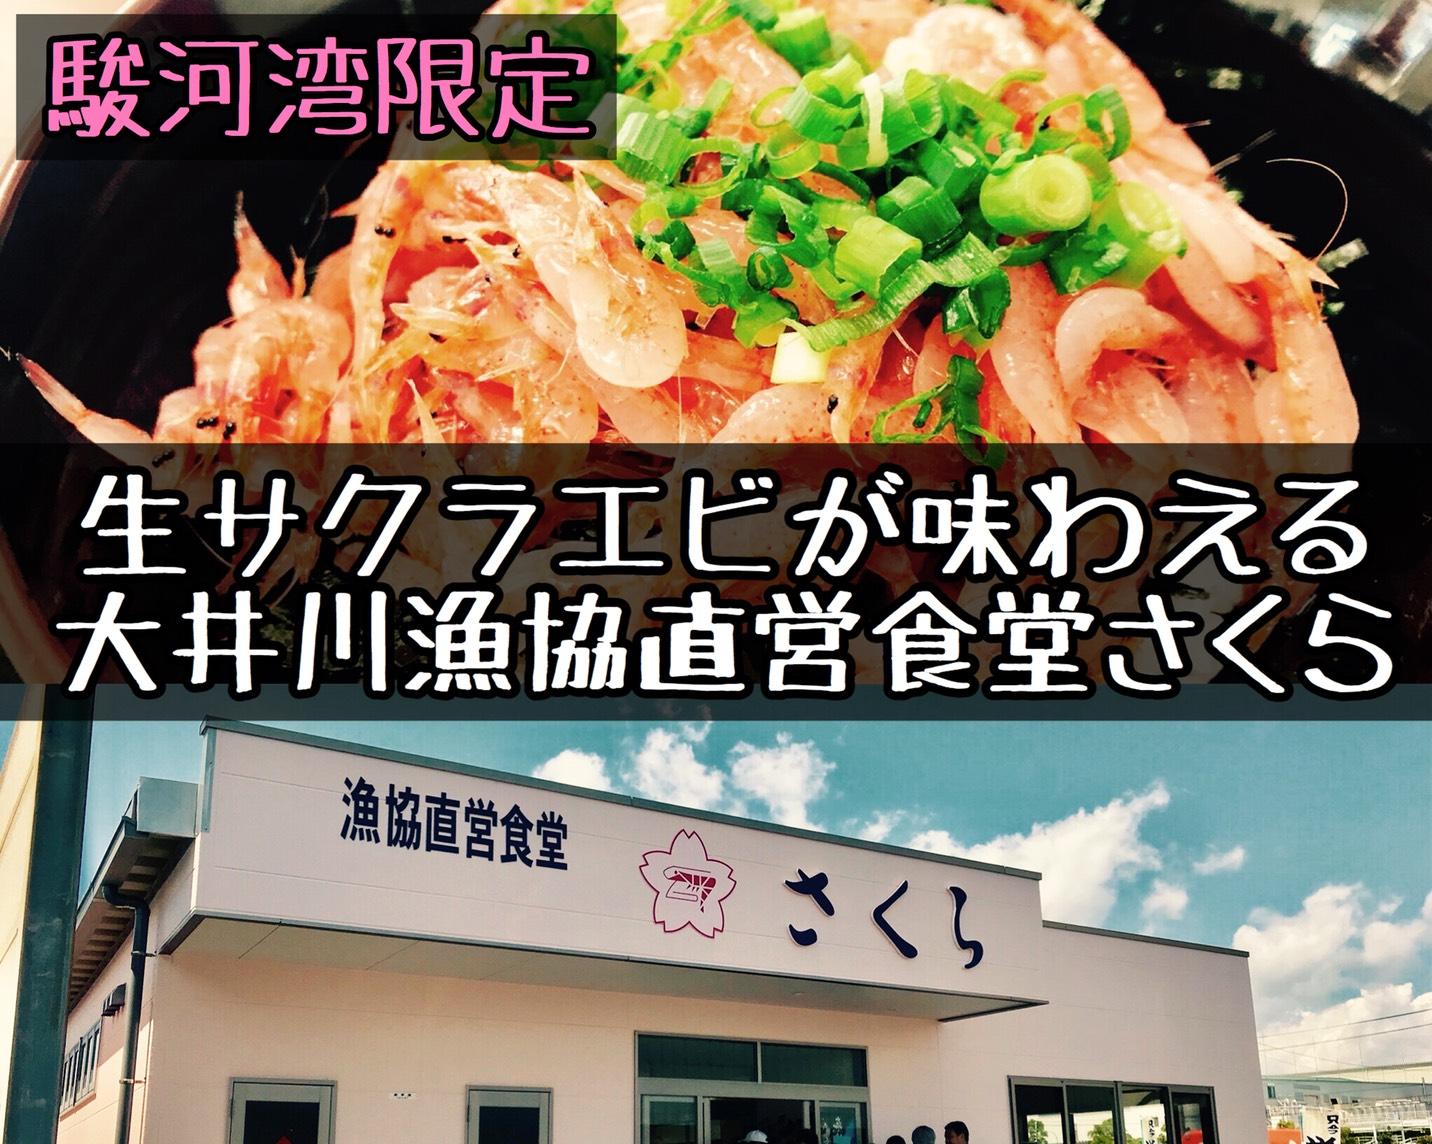 大井川・サクラエビ・シラス